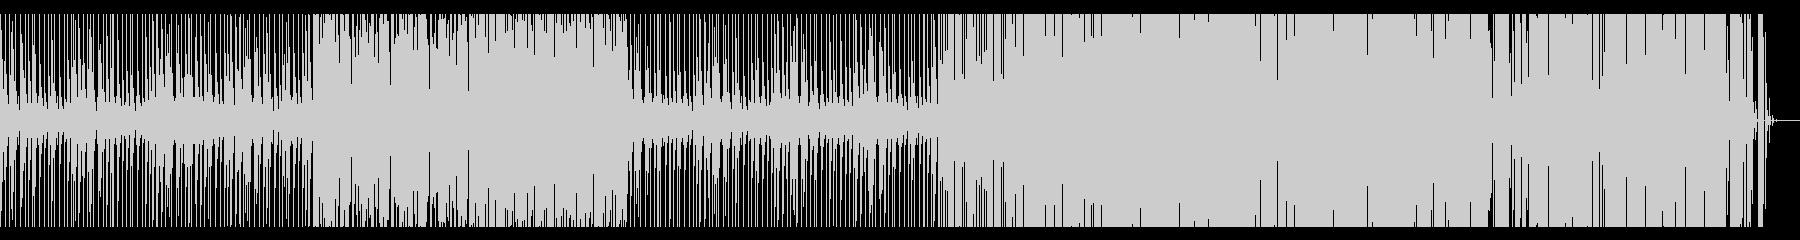 無料のスナックの未再生の波形